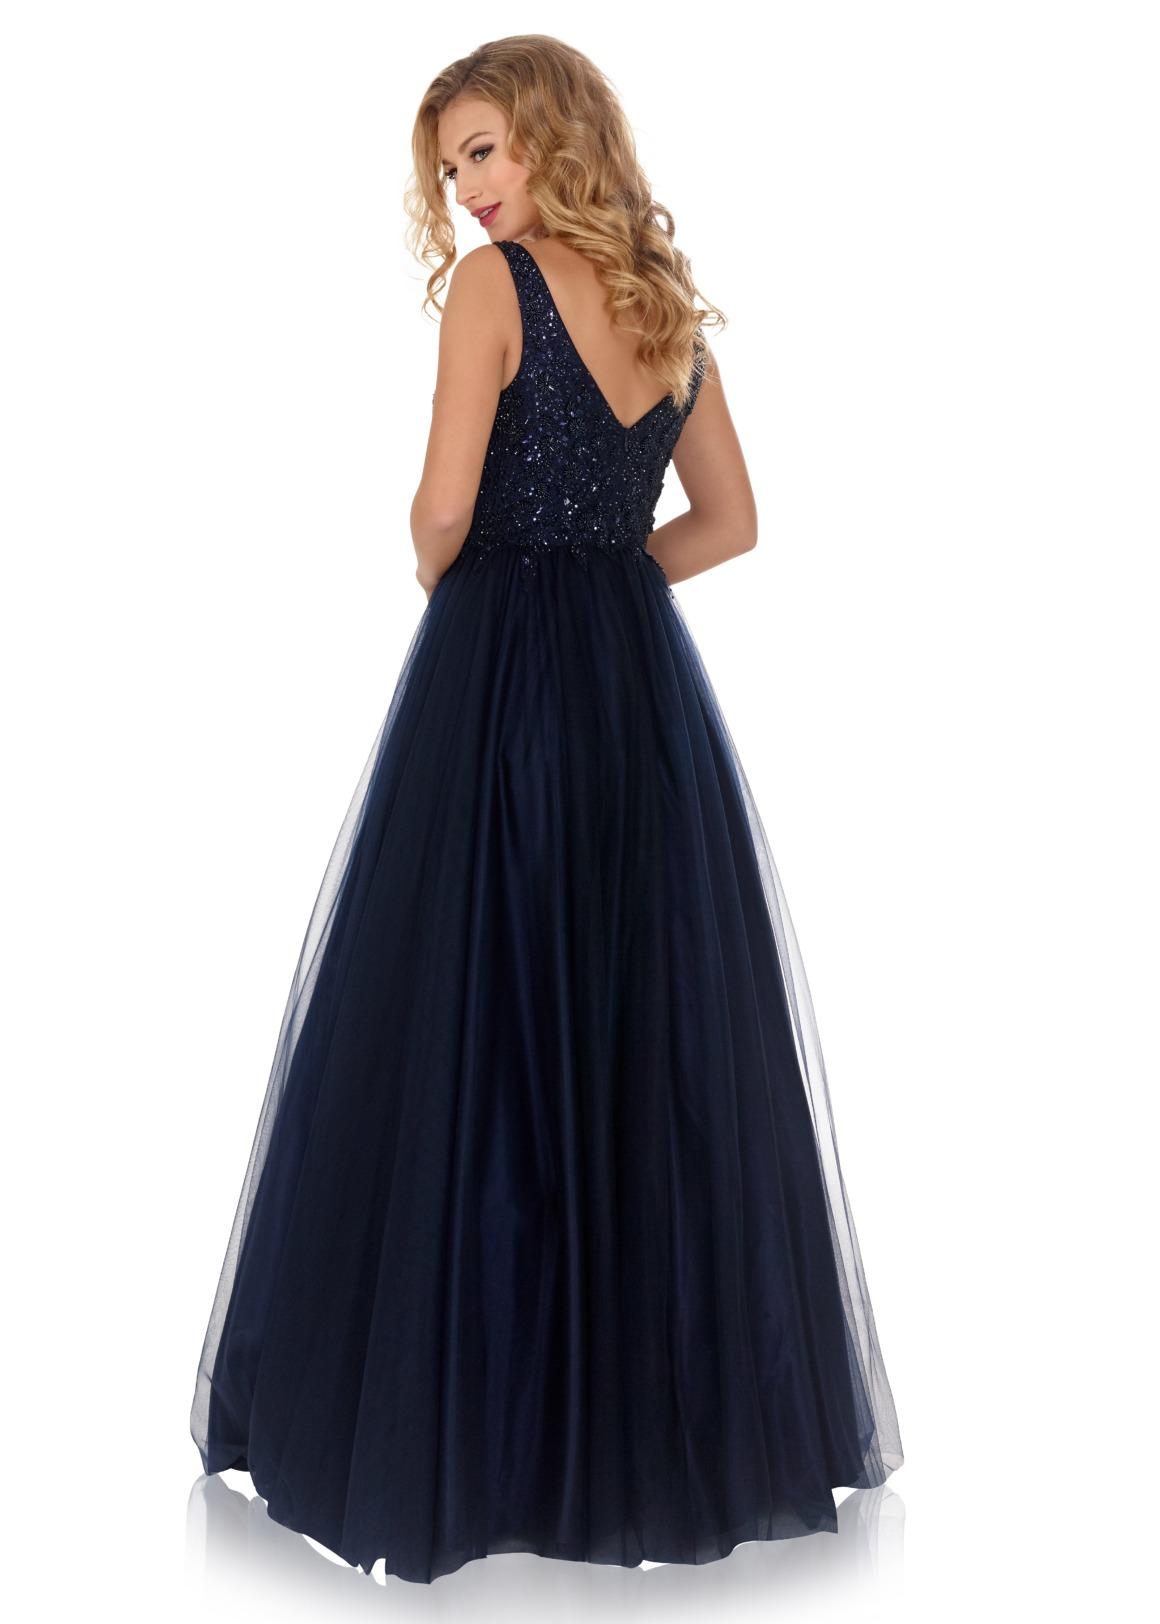 Schützenfest Königinnenkleid Hofdamen Hofstaat Kleid dunkelblau navy blau Tüllrock elegant glitzer V-Ausschnitt Rückenansicht